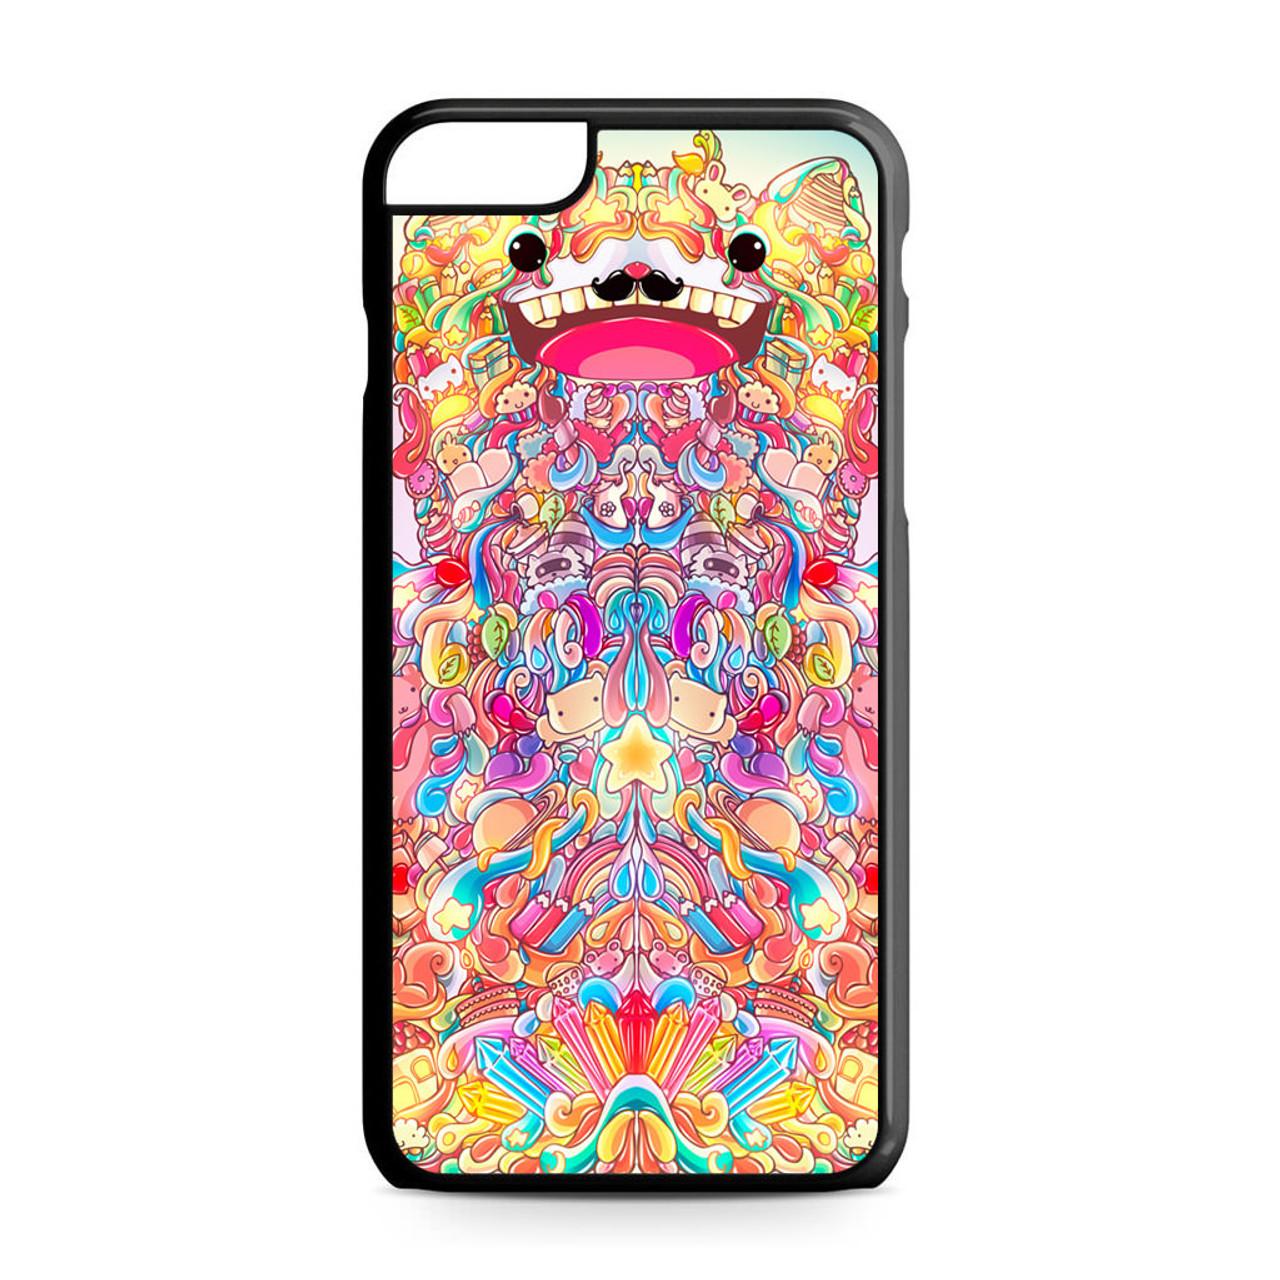 tumblr iphone 6s case